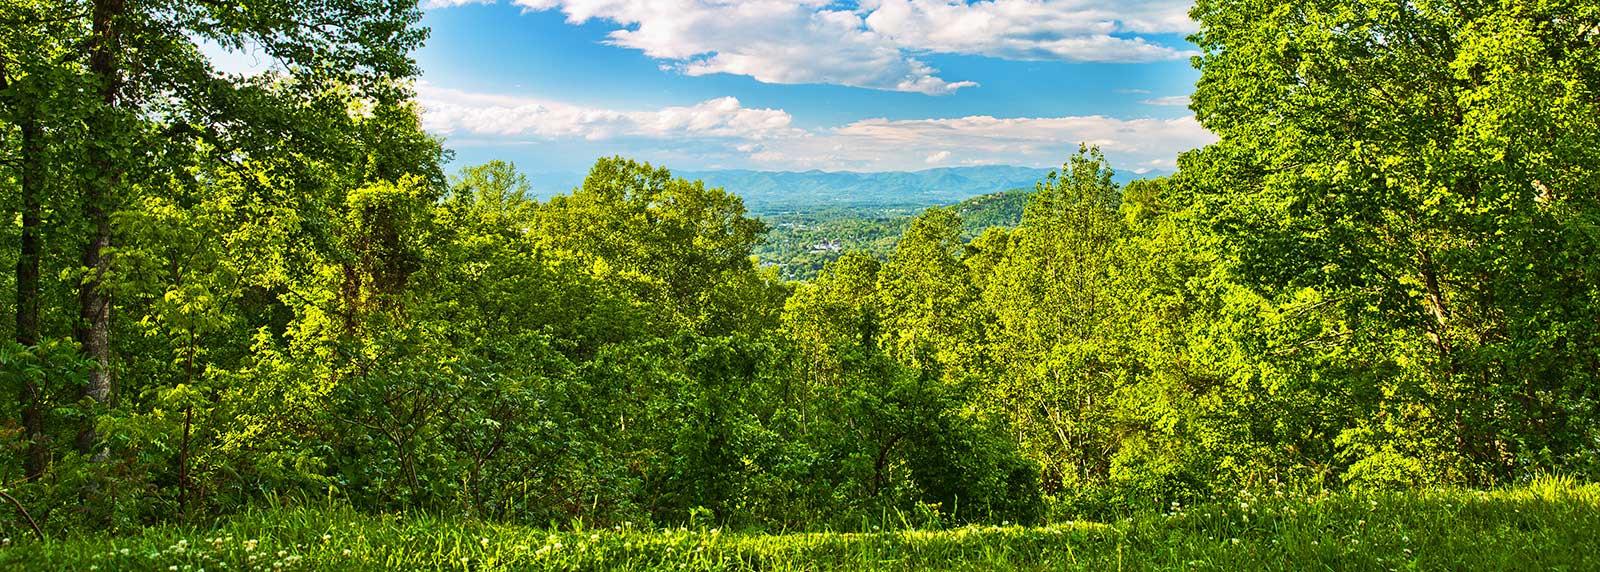 Spring-Green-View_slider1